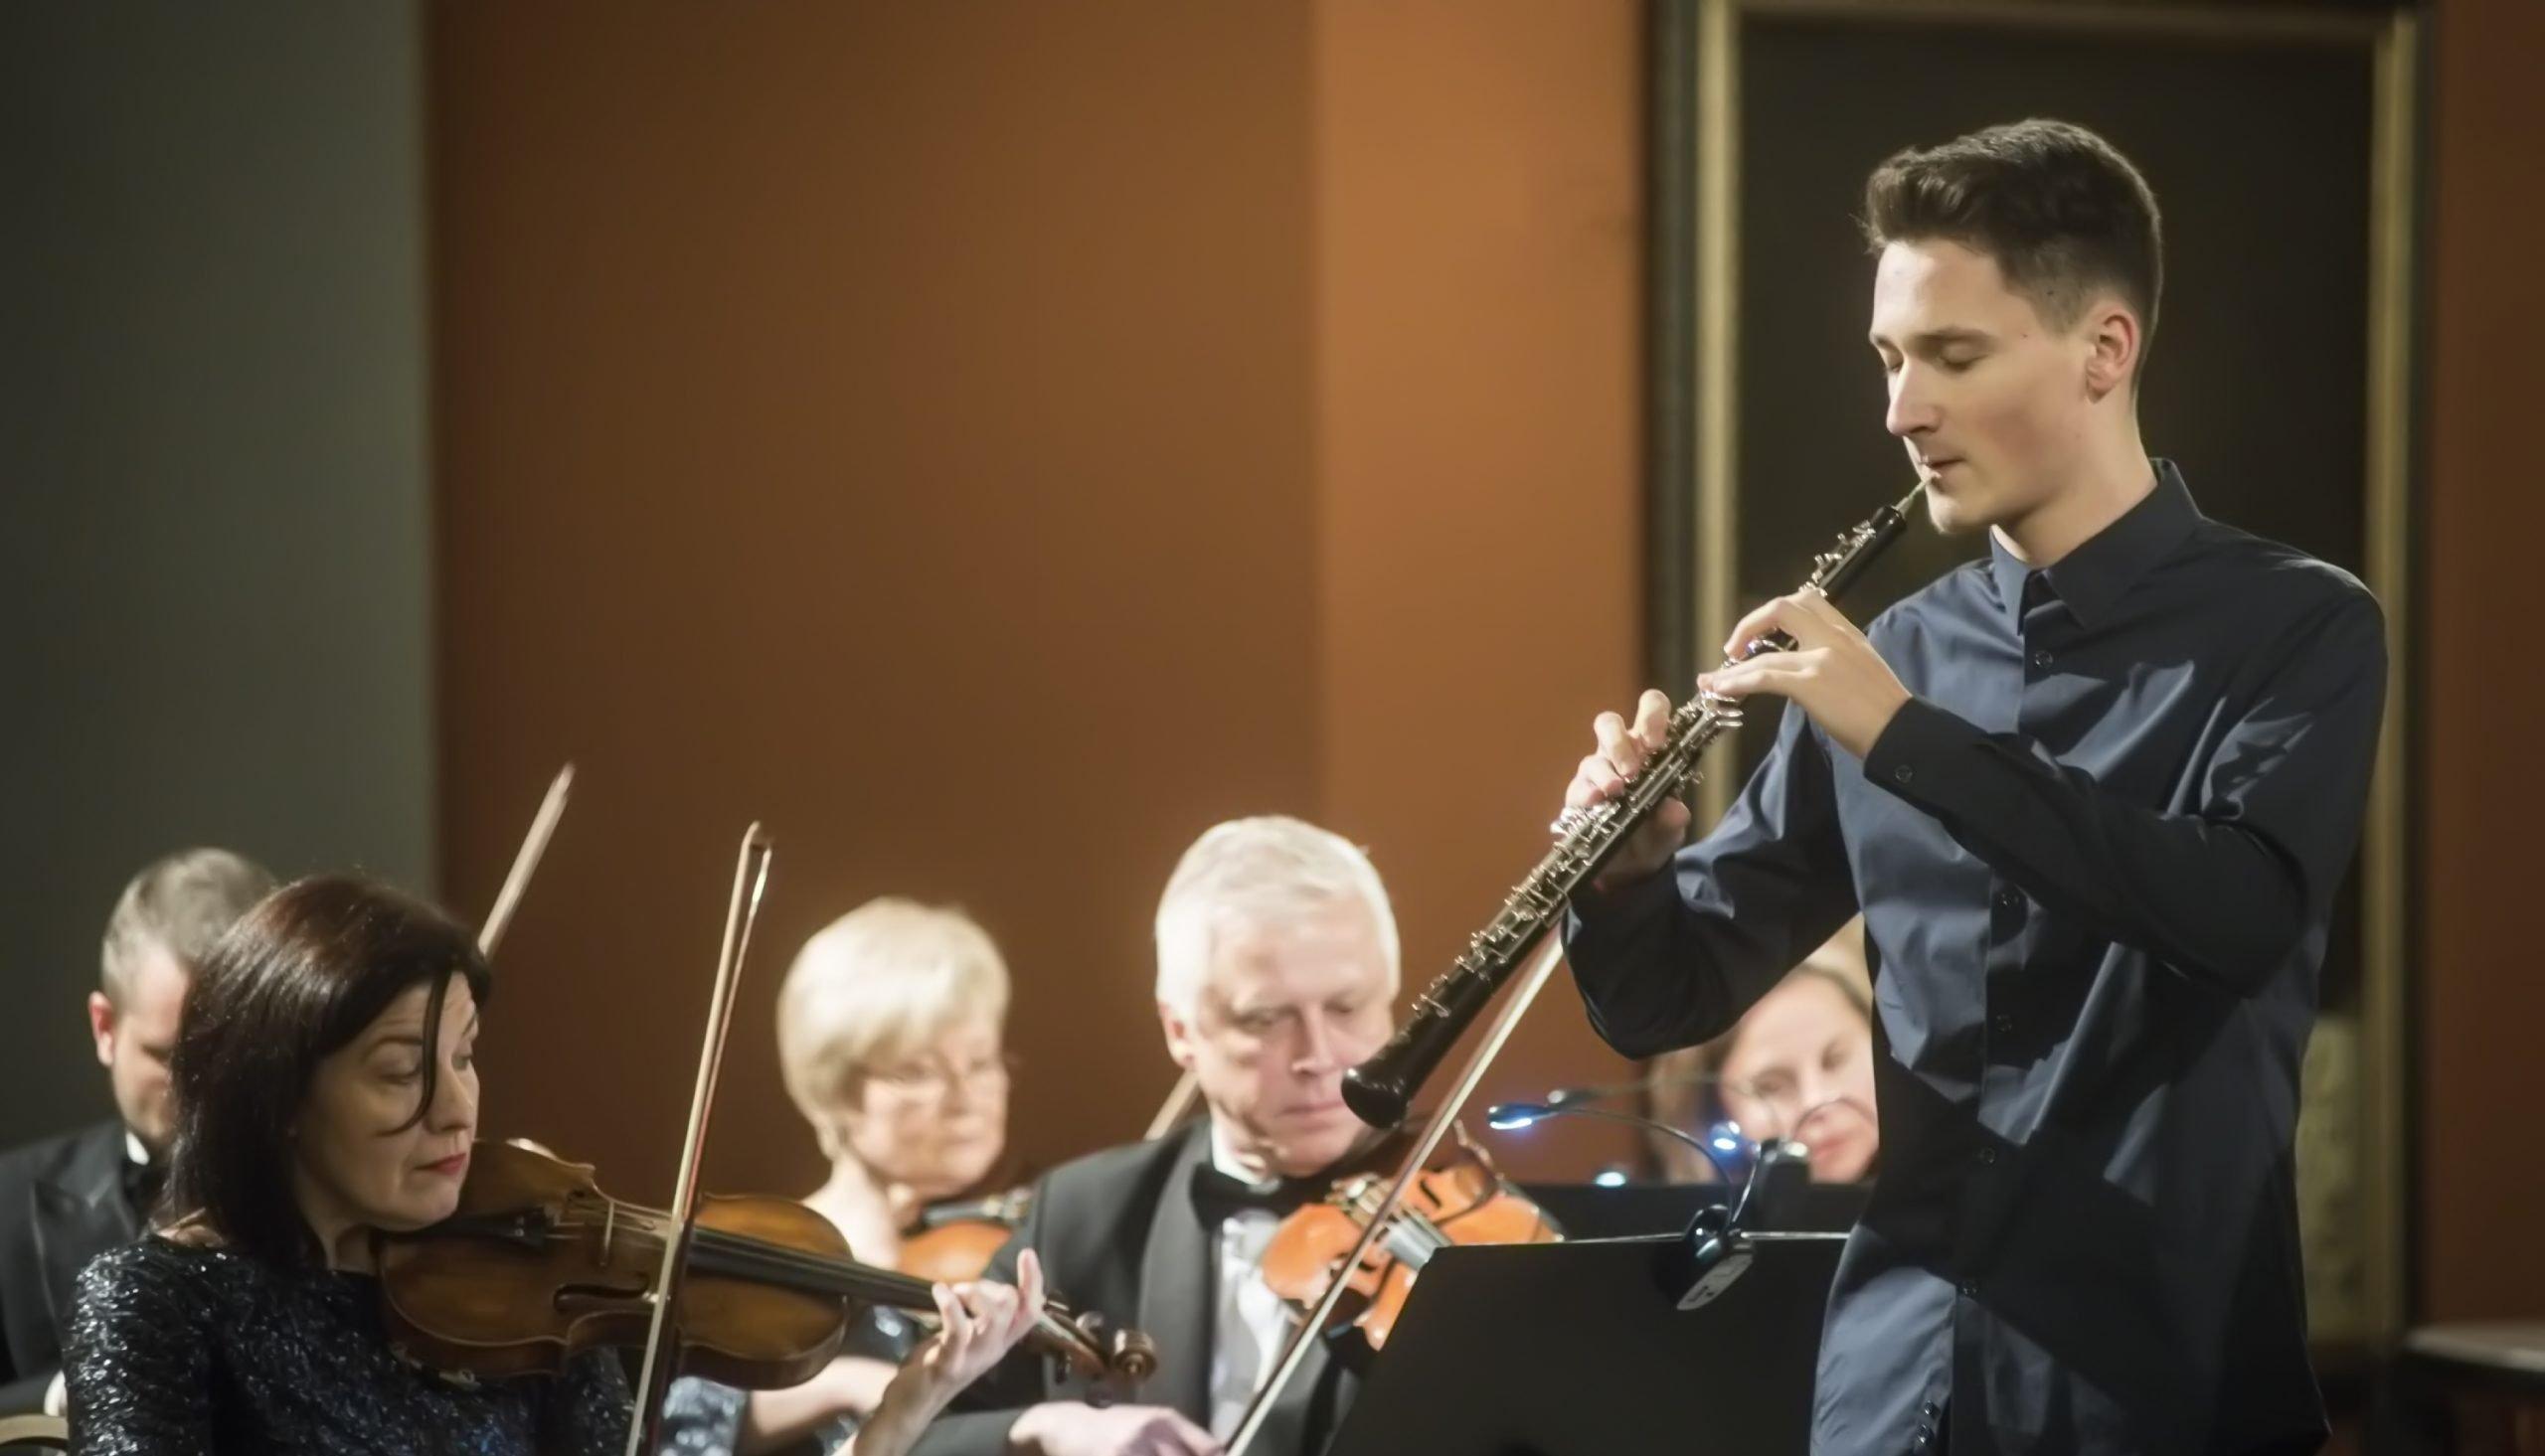 Filharmonijos skaitmeninėje koncertų salėje – žiemos klasika ir premjera